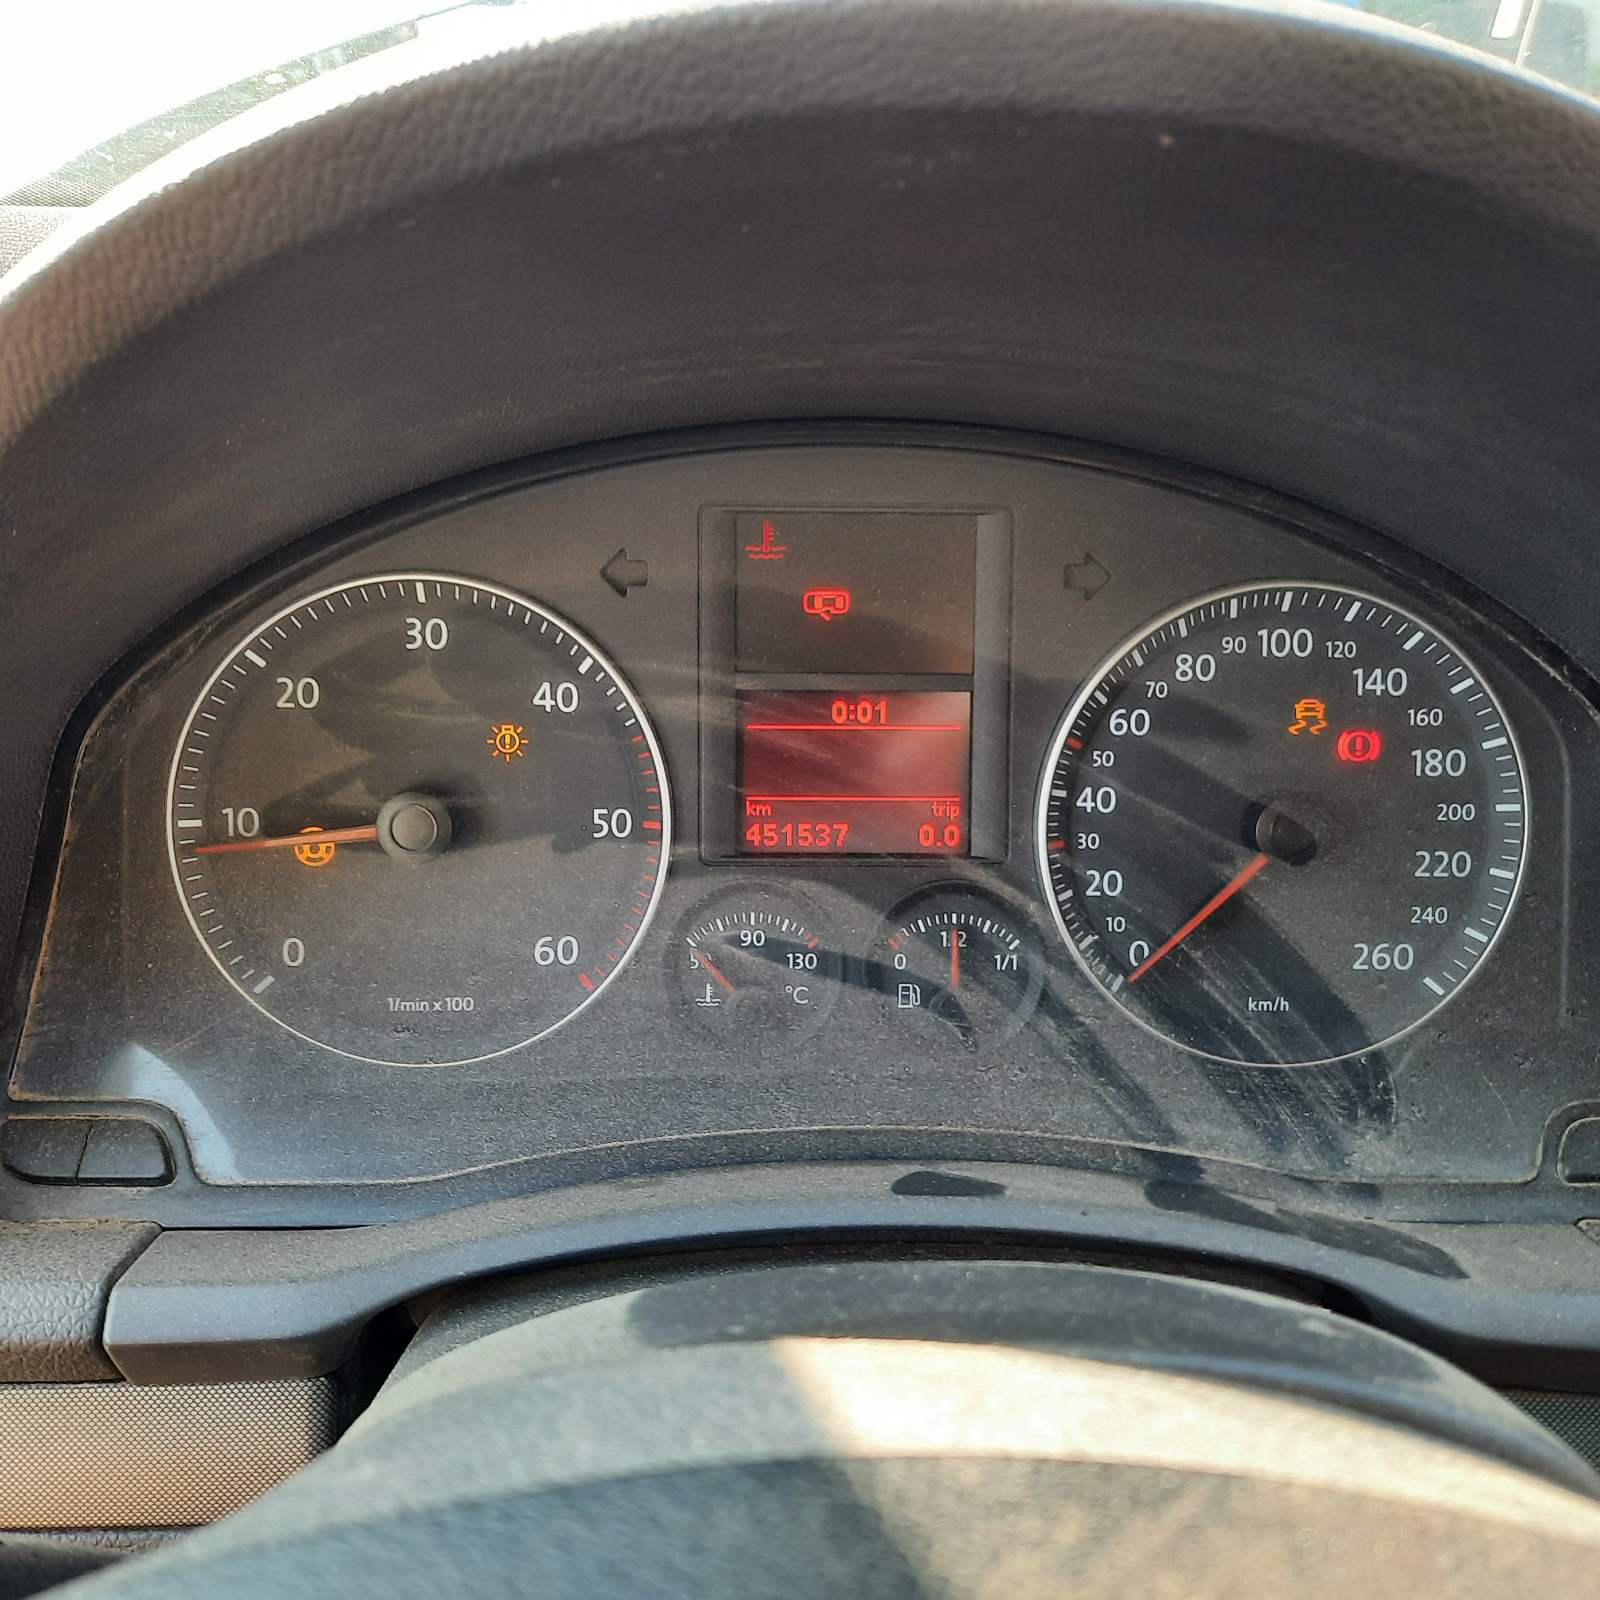 Подержанные Автозапчасти Volkswagen GOLF 2004 1.9 машиностроение хэтчбэк 2/3 d. серебро 2021-7-28